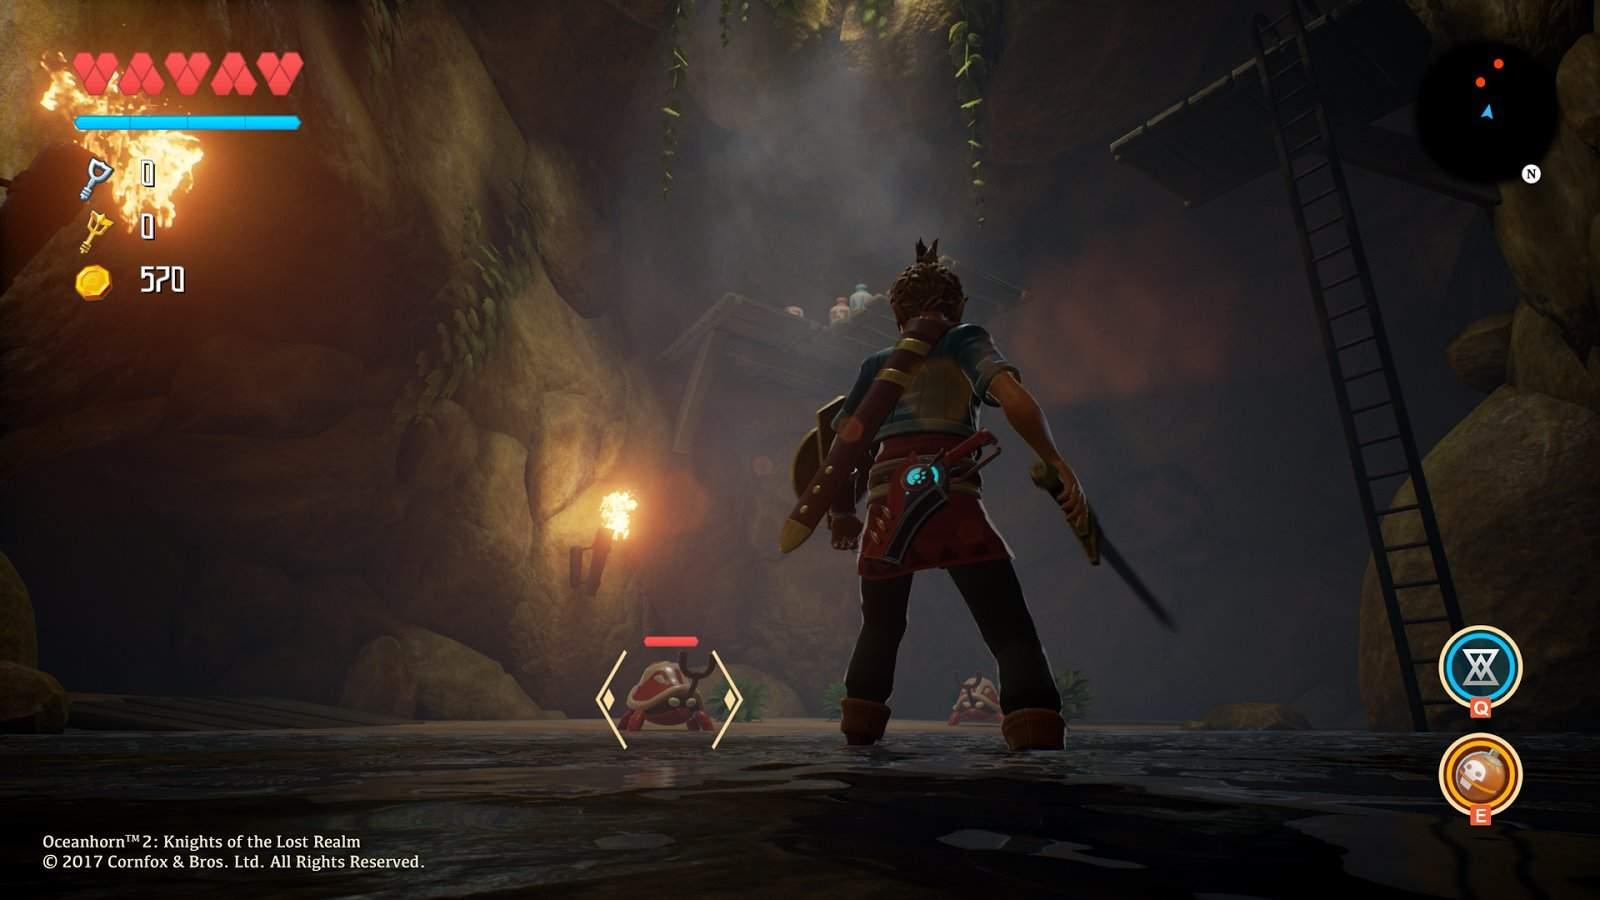 Oceanhorn-2-PC-screenshot-Pirates-Hideout Oceanhorn 2: novas imagens mostram jogo com Unreal Engine 4